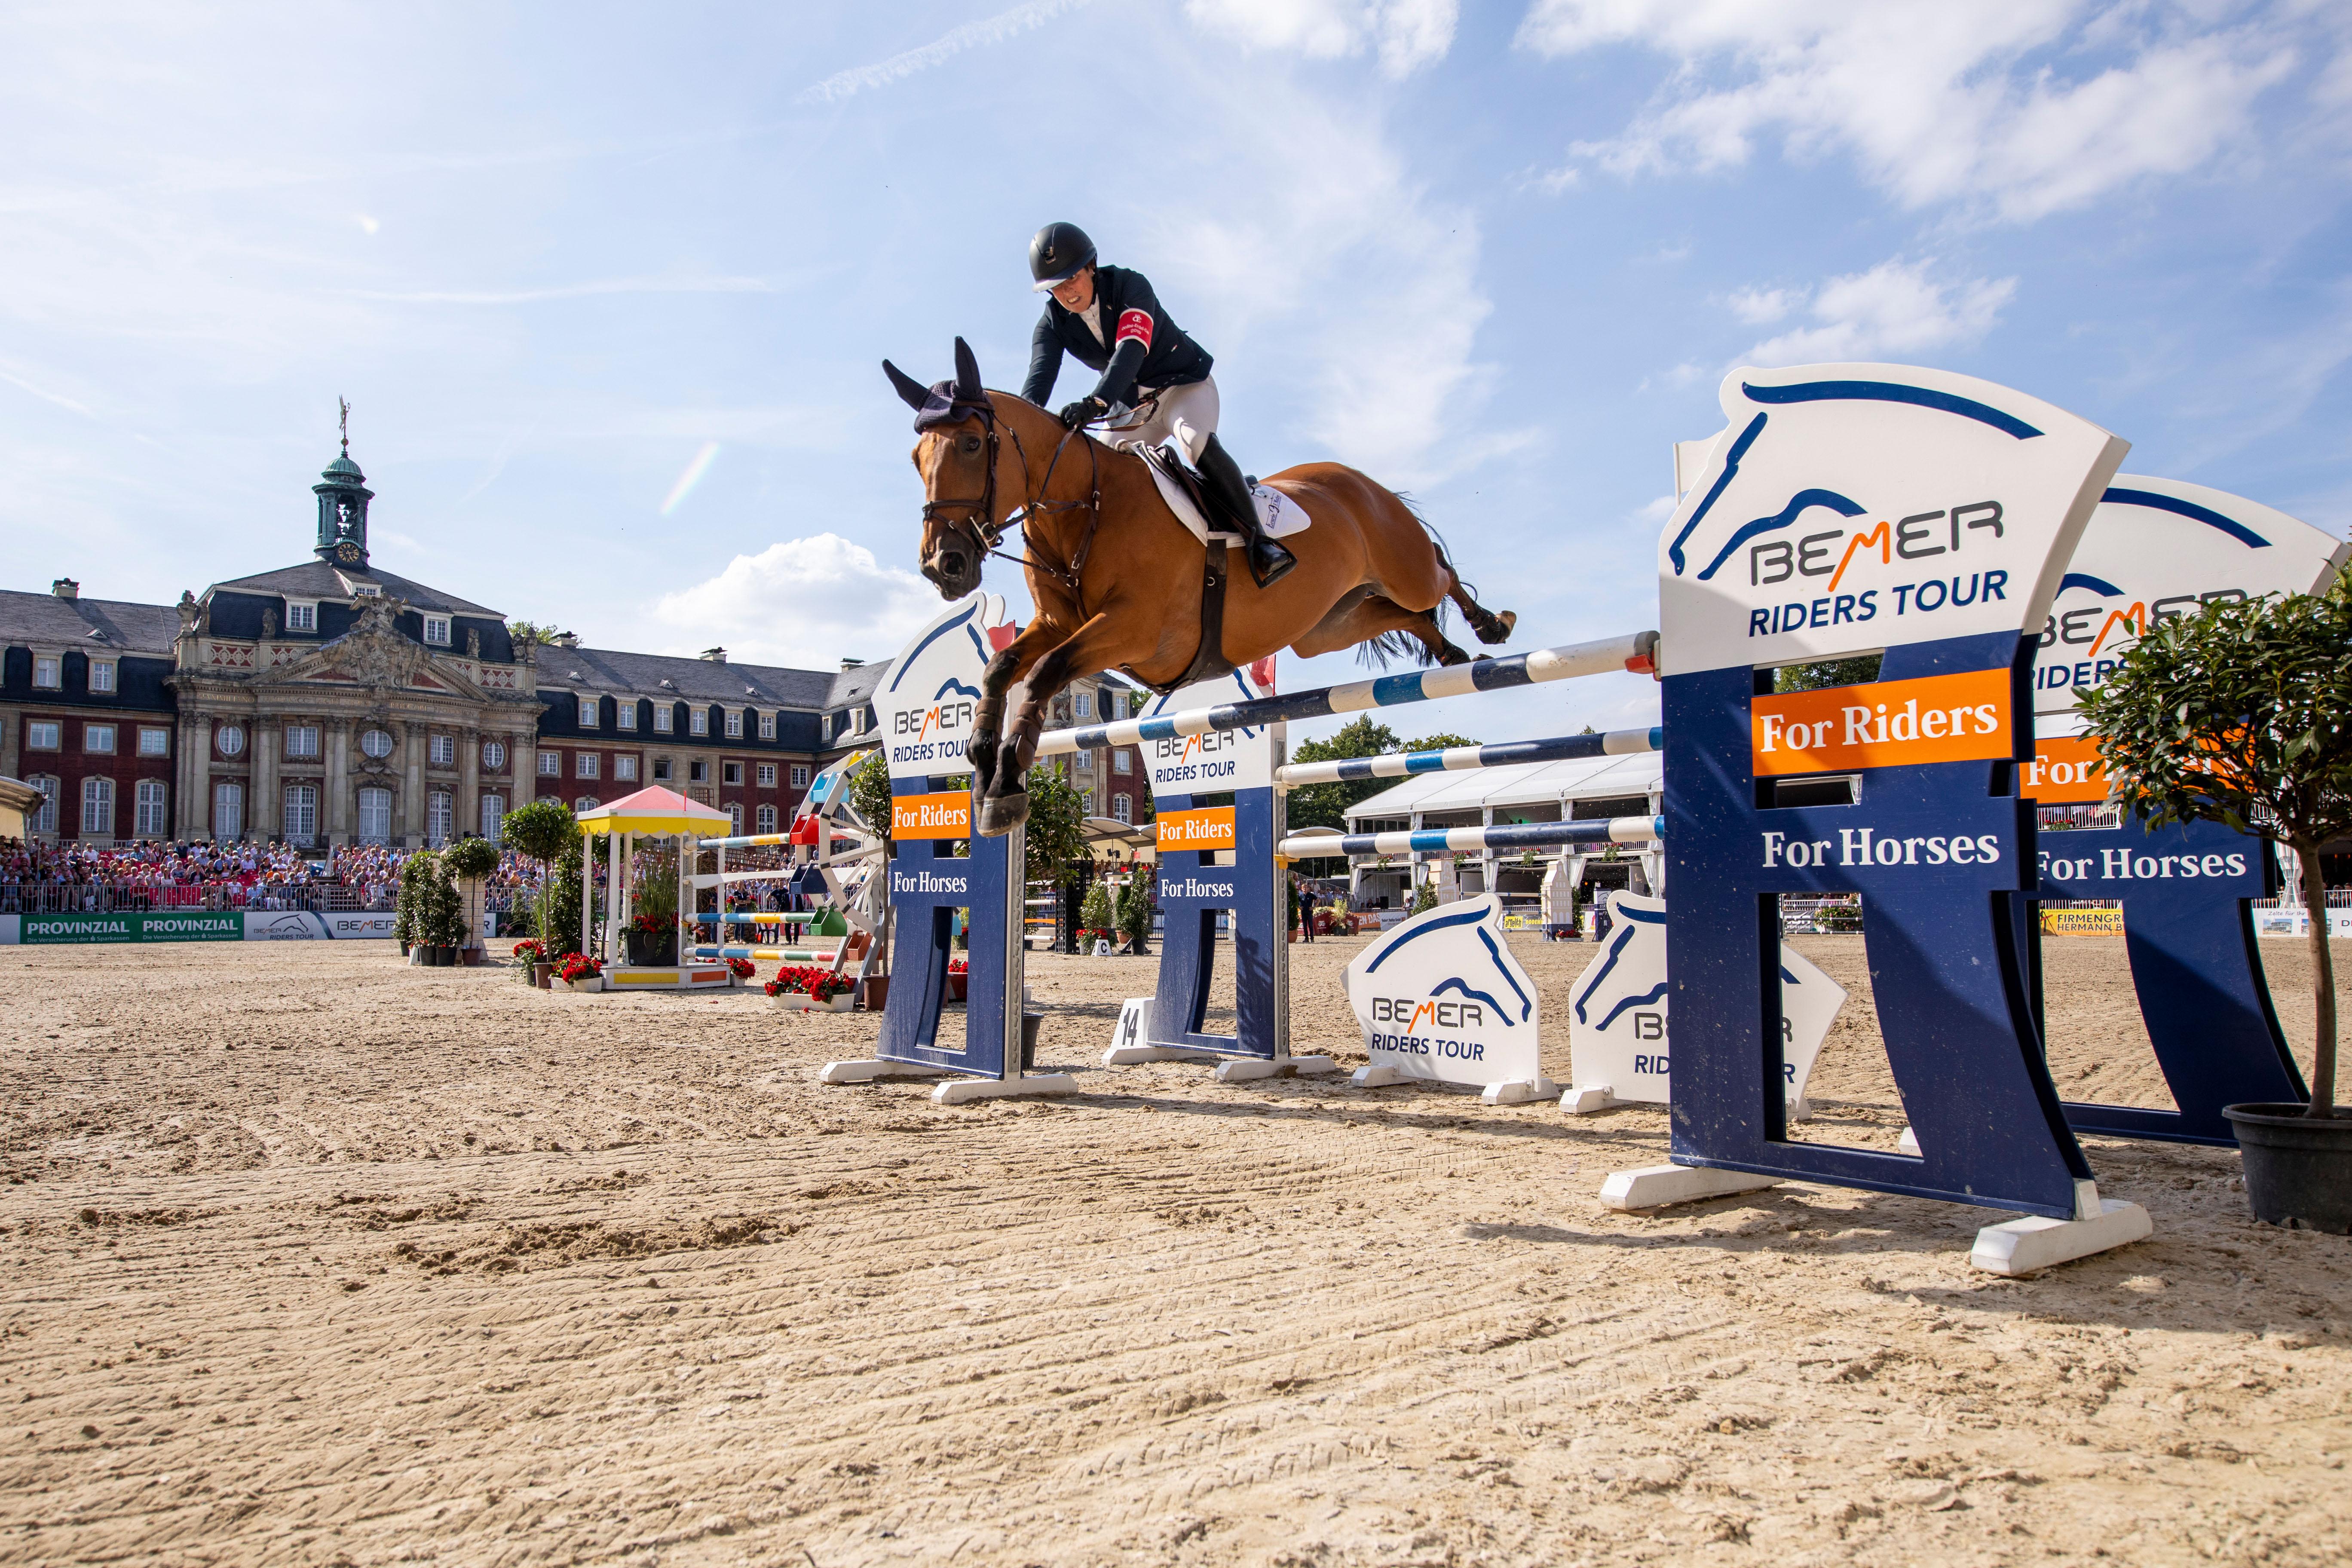 Starke Amazonen - Bettendorf gewinnt BEMER Riders Tour-Etappe in Münster